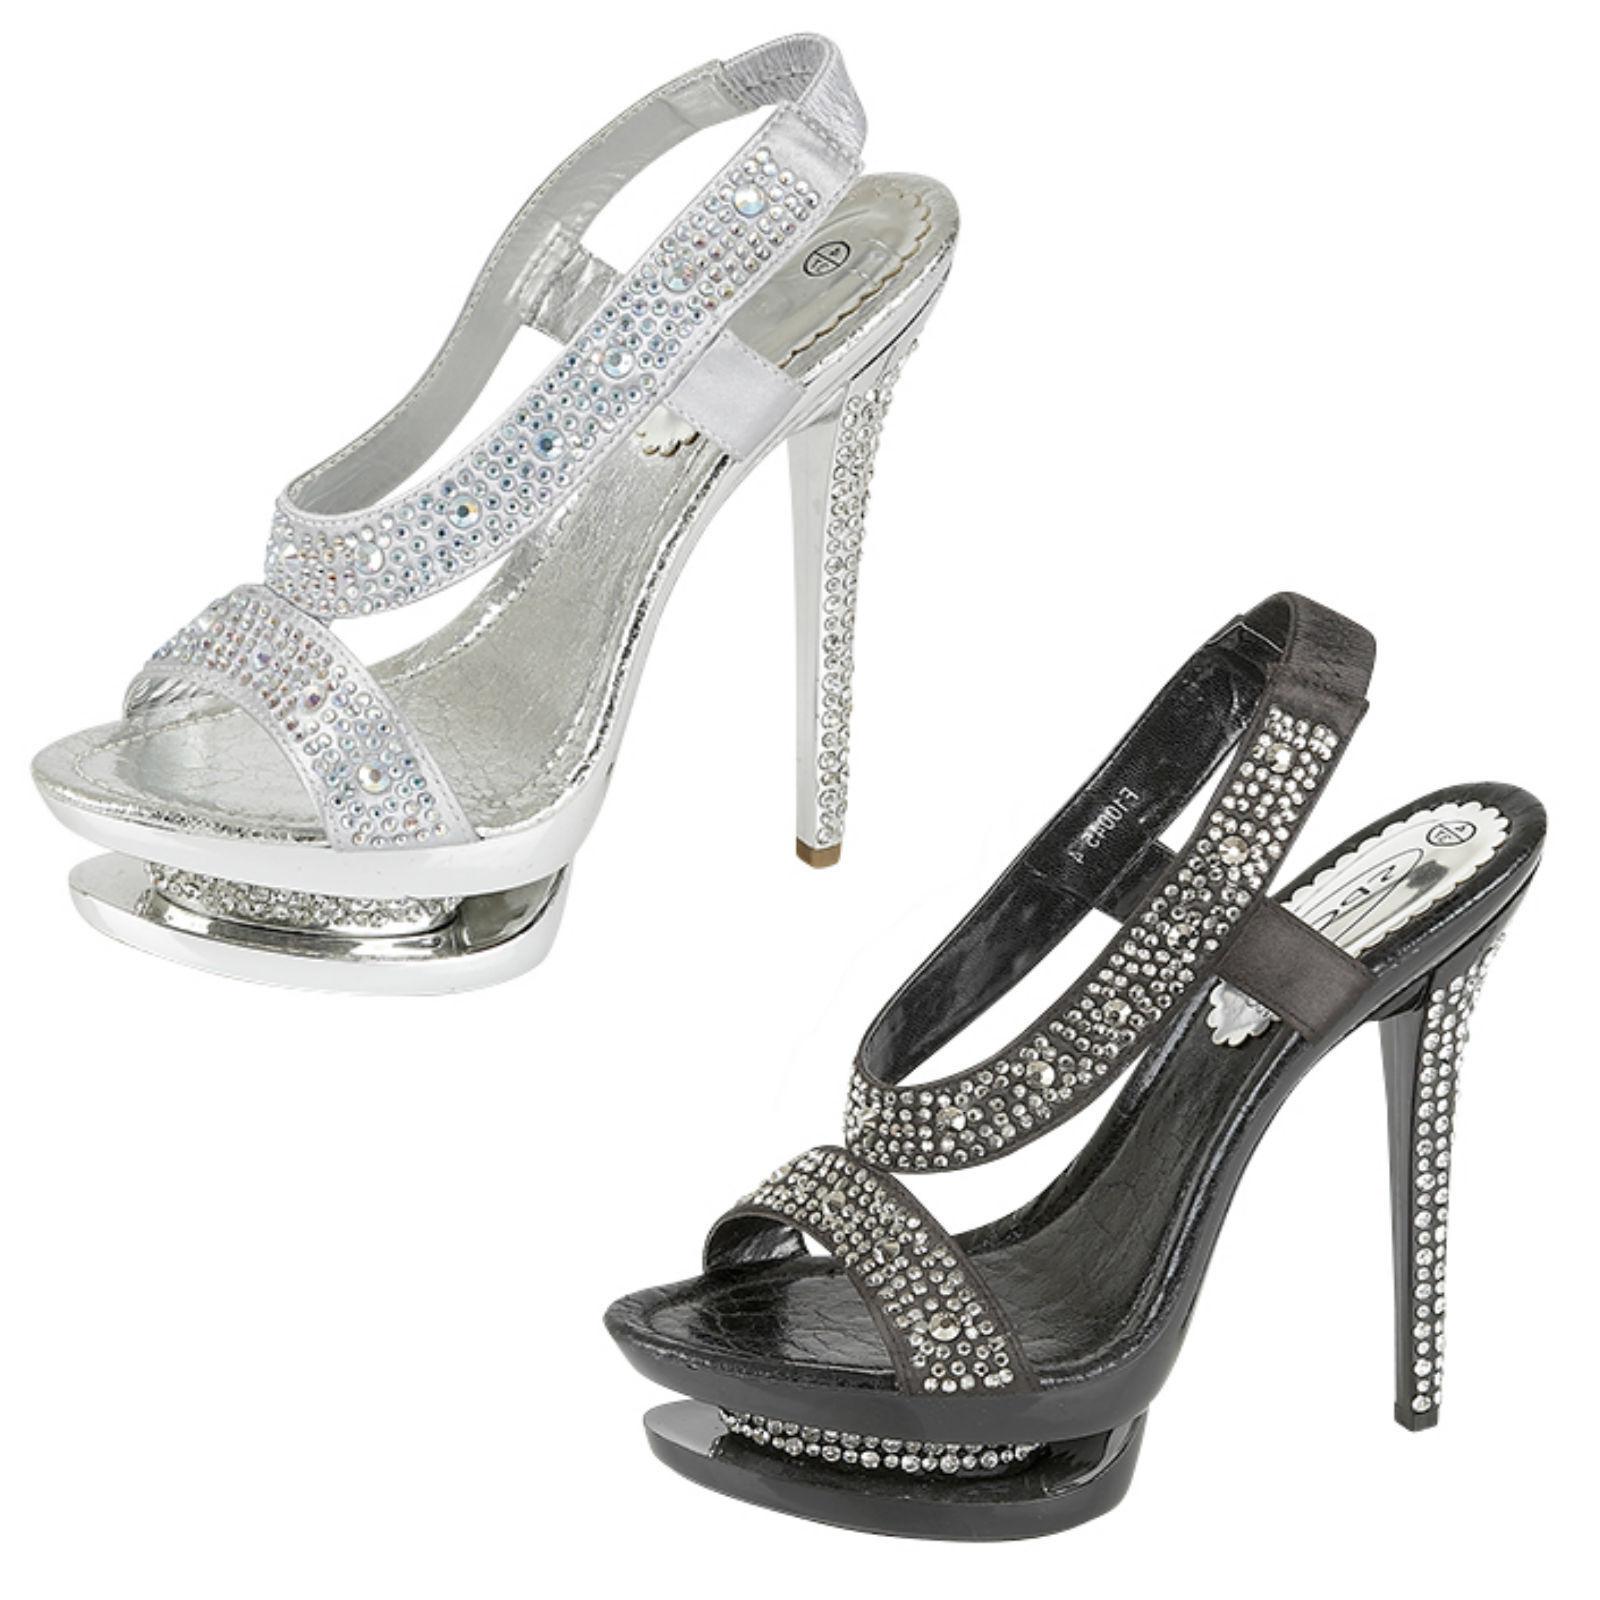 Moda jest prosta i niedroga femmes sur place Bande élastique DIAMANT talon haut sandales plateforme f10045